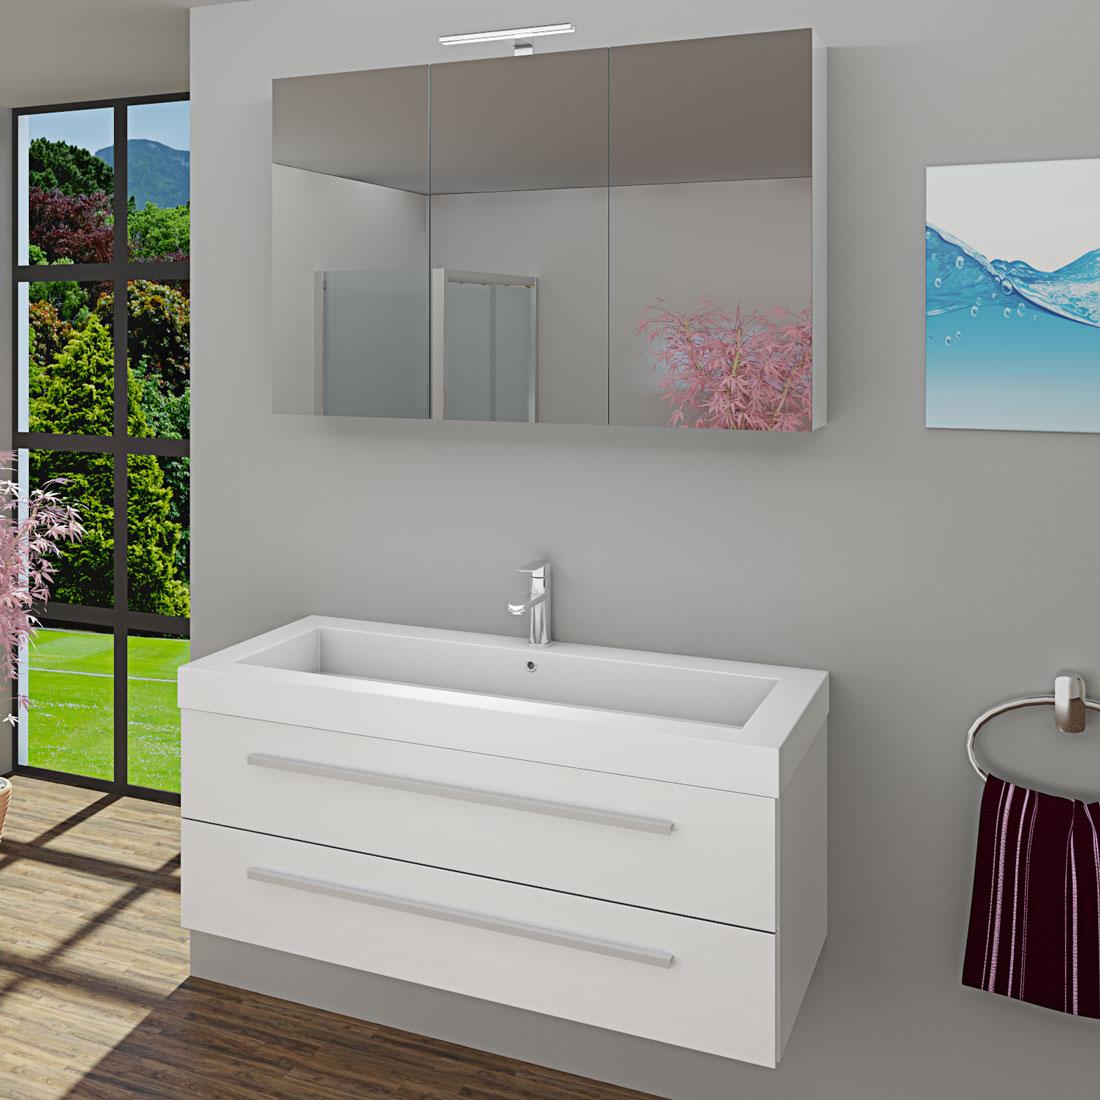 waschtisch mit waschbecken unterschrank city 101 120cm hochglanz wei. Black Bedroom Furniture Sets. Home Design Ideas